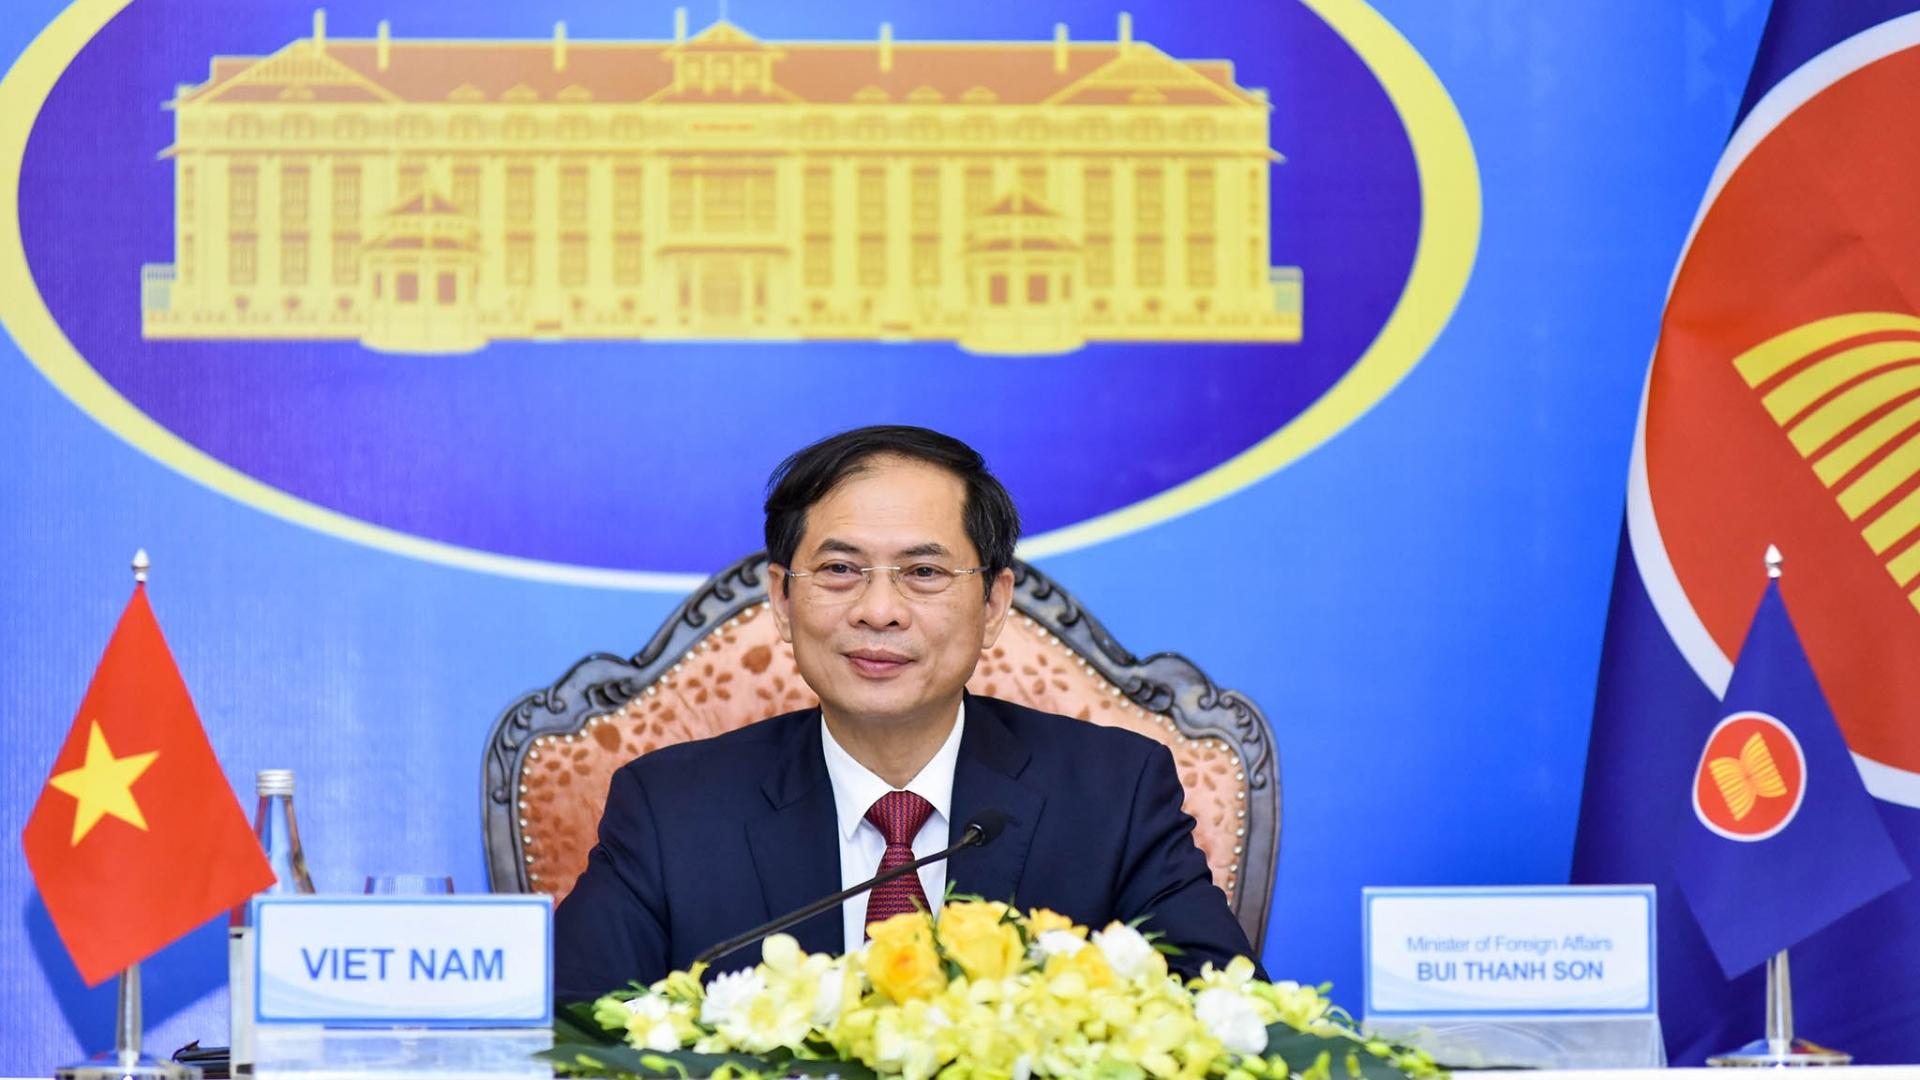 Khai mạc Hội nghị Bộ trưởng Ngoại giao ASEAN lần thứ 54 (AMM-54)